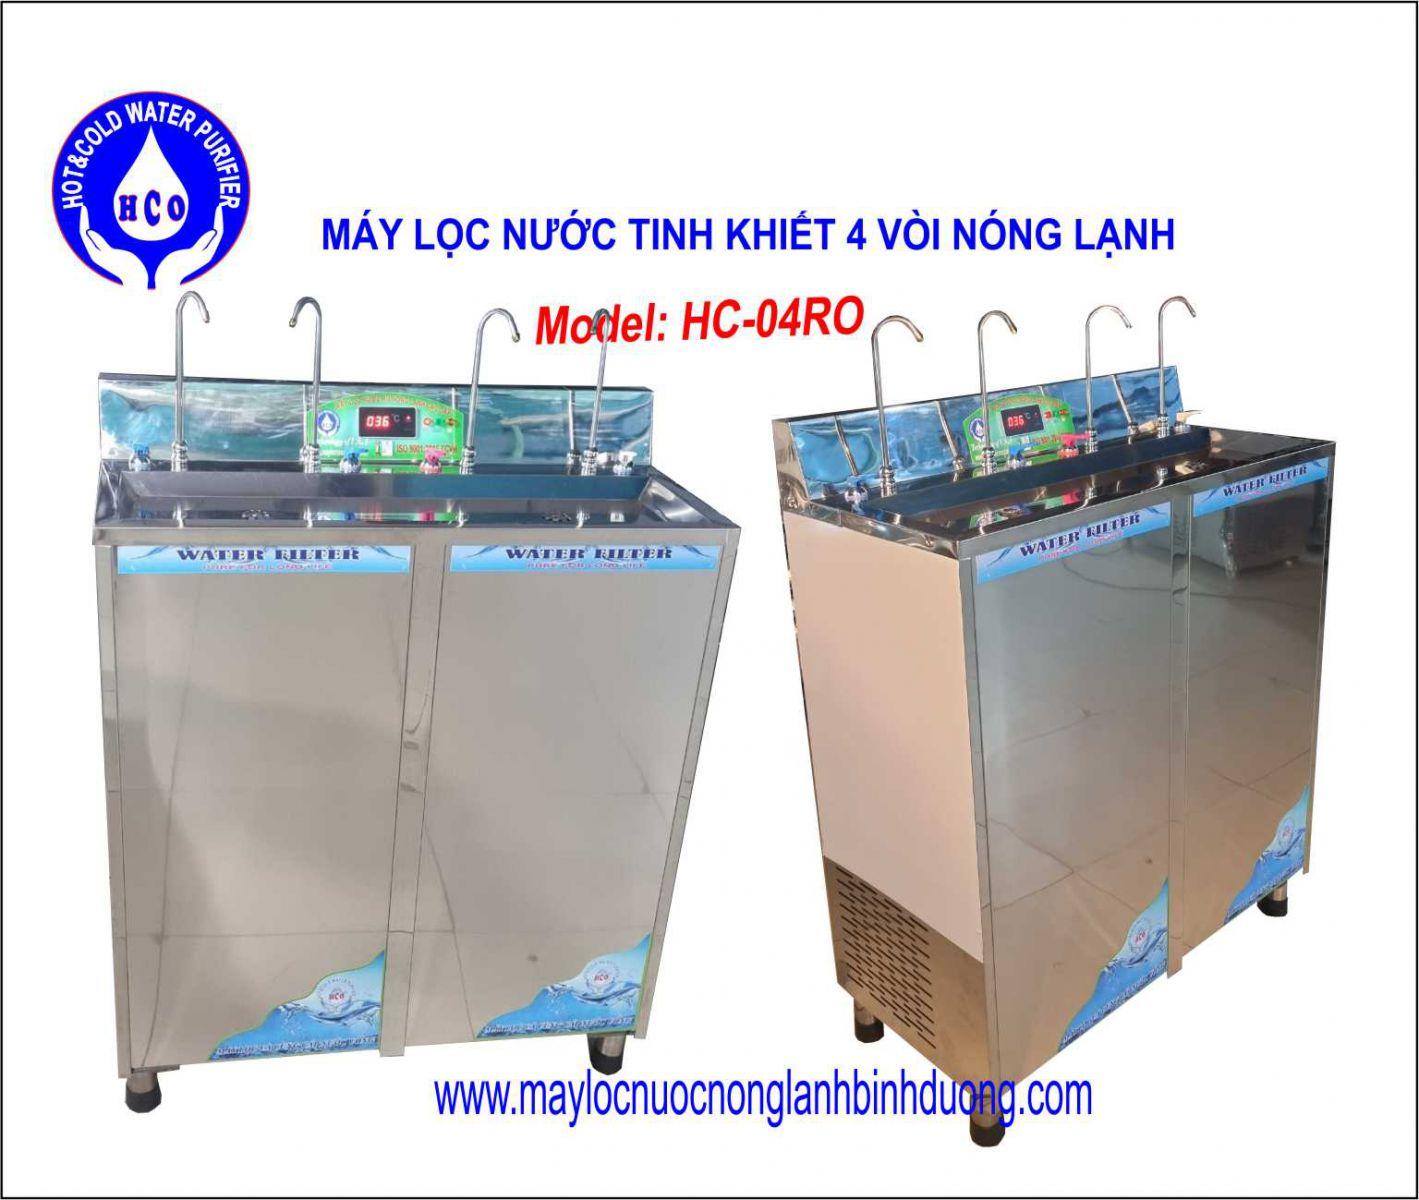 may-loc-nuoc-tinh-khiet-nong-lanh-4-voi-tai-dong-nai